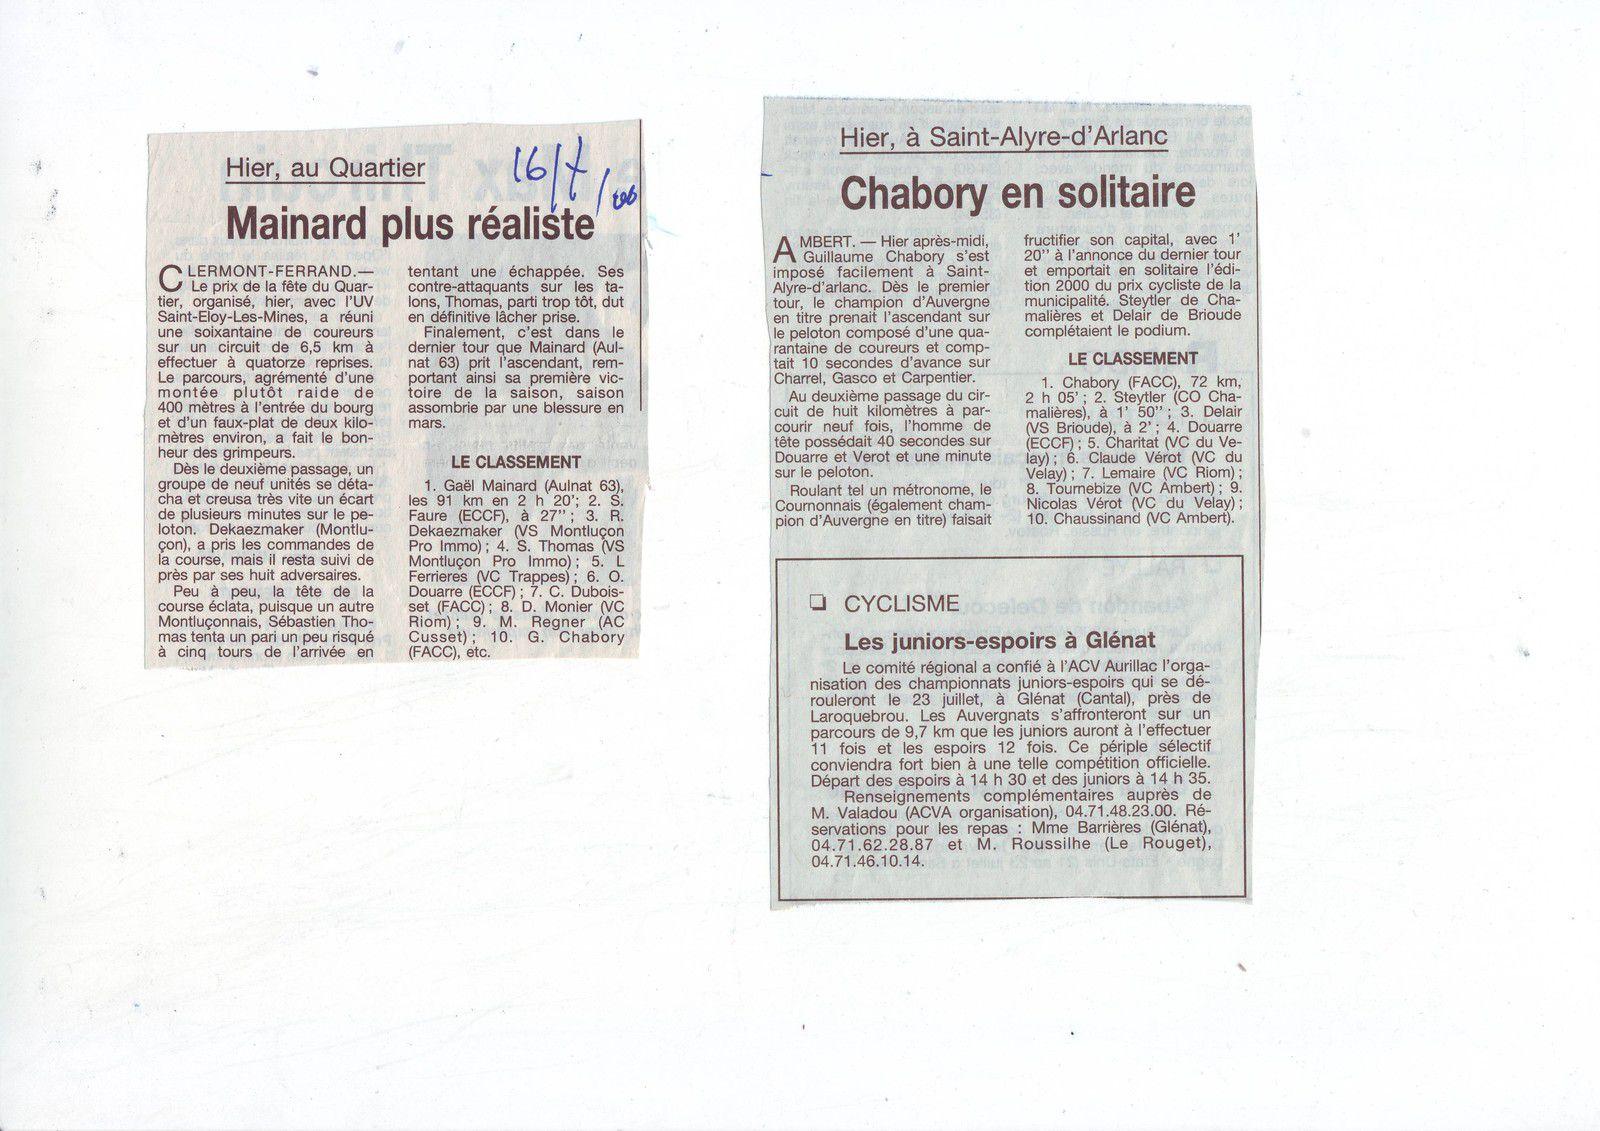 Il y a 20 ans ...15 et 16 juillet 2000